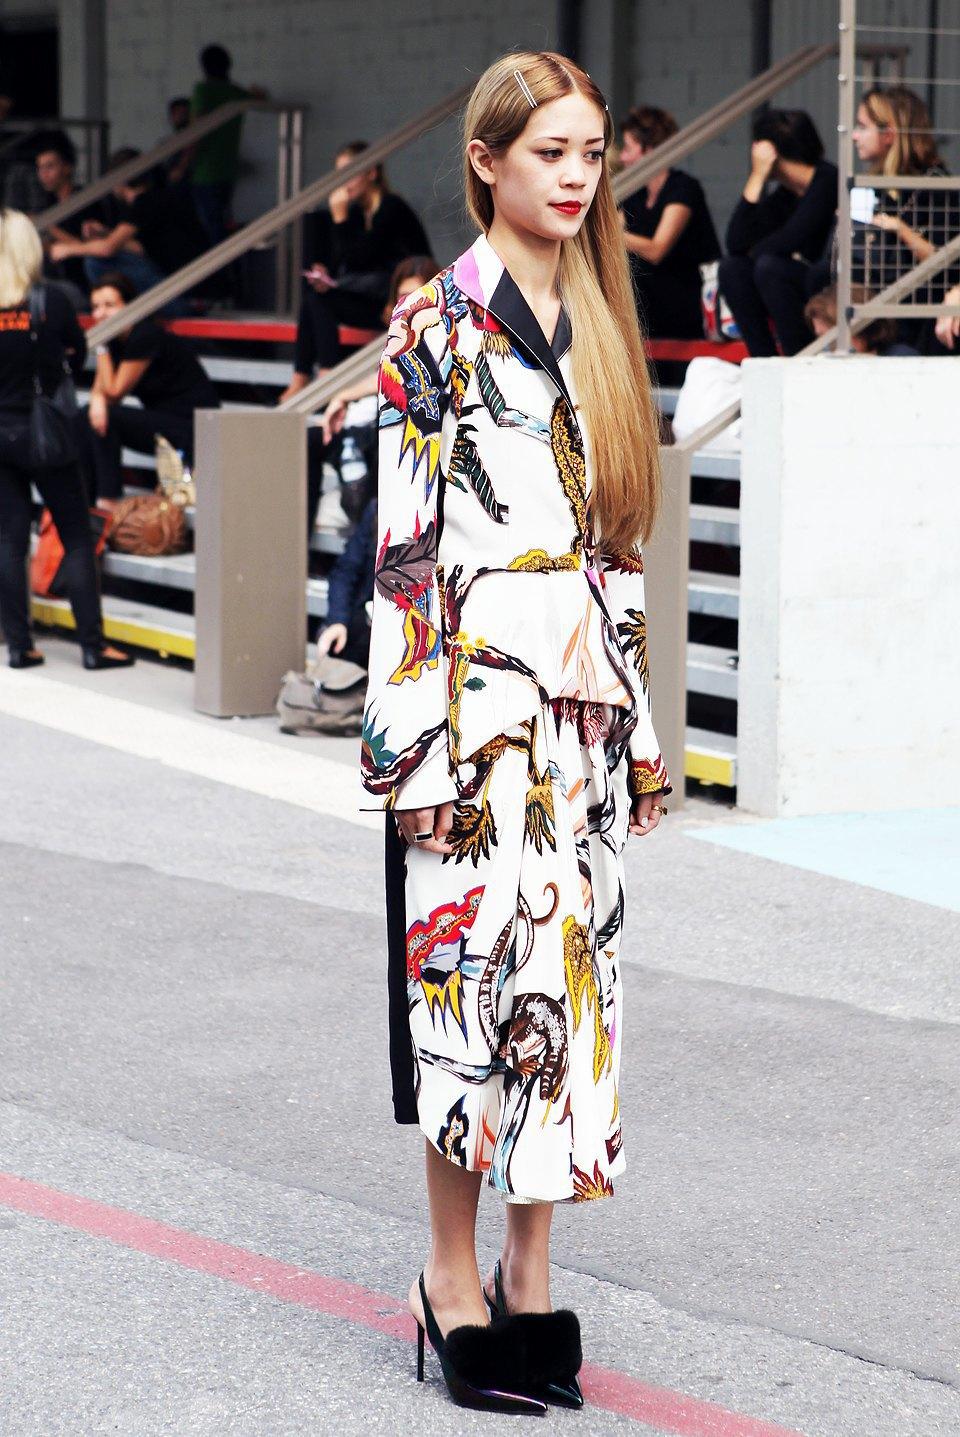 Кимоно, перья и сэтчелы на гостях показов Paris Fashion Week. Изображение № 14.